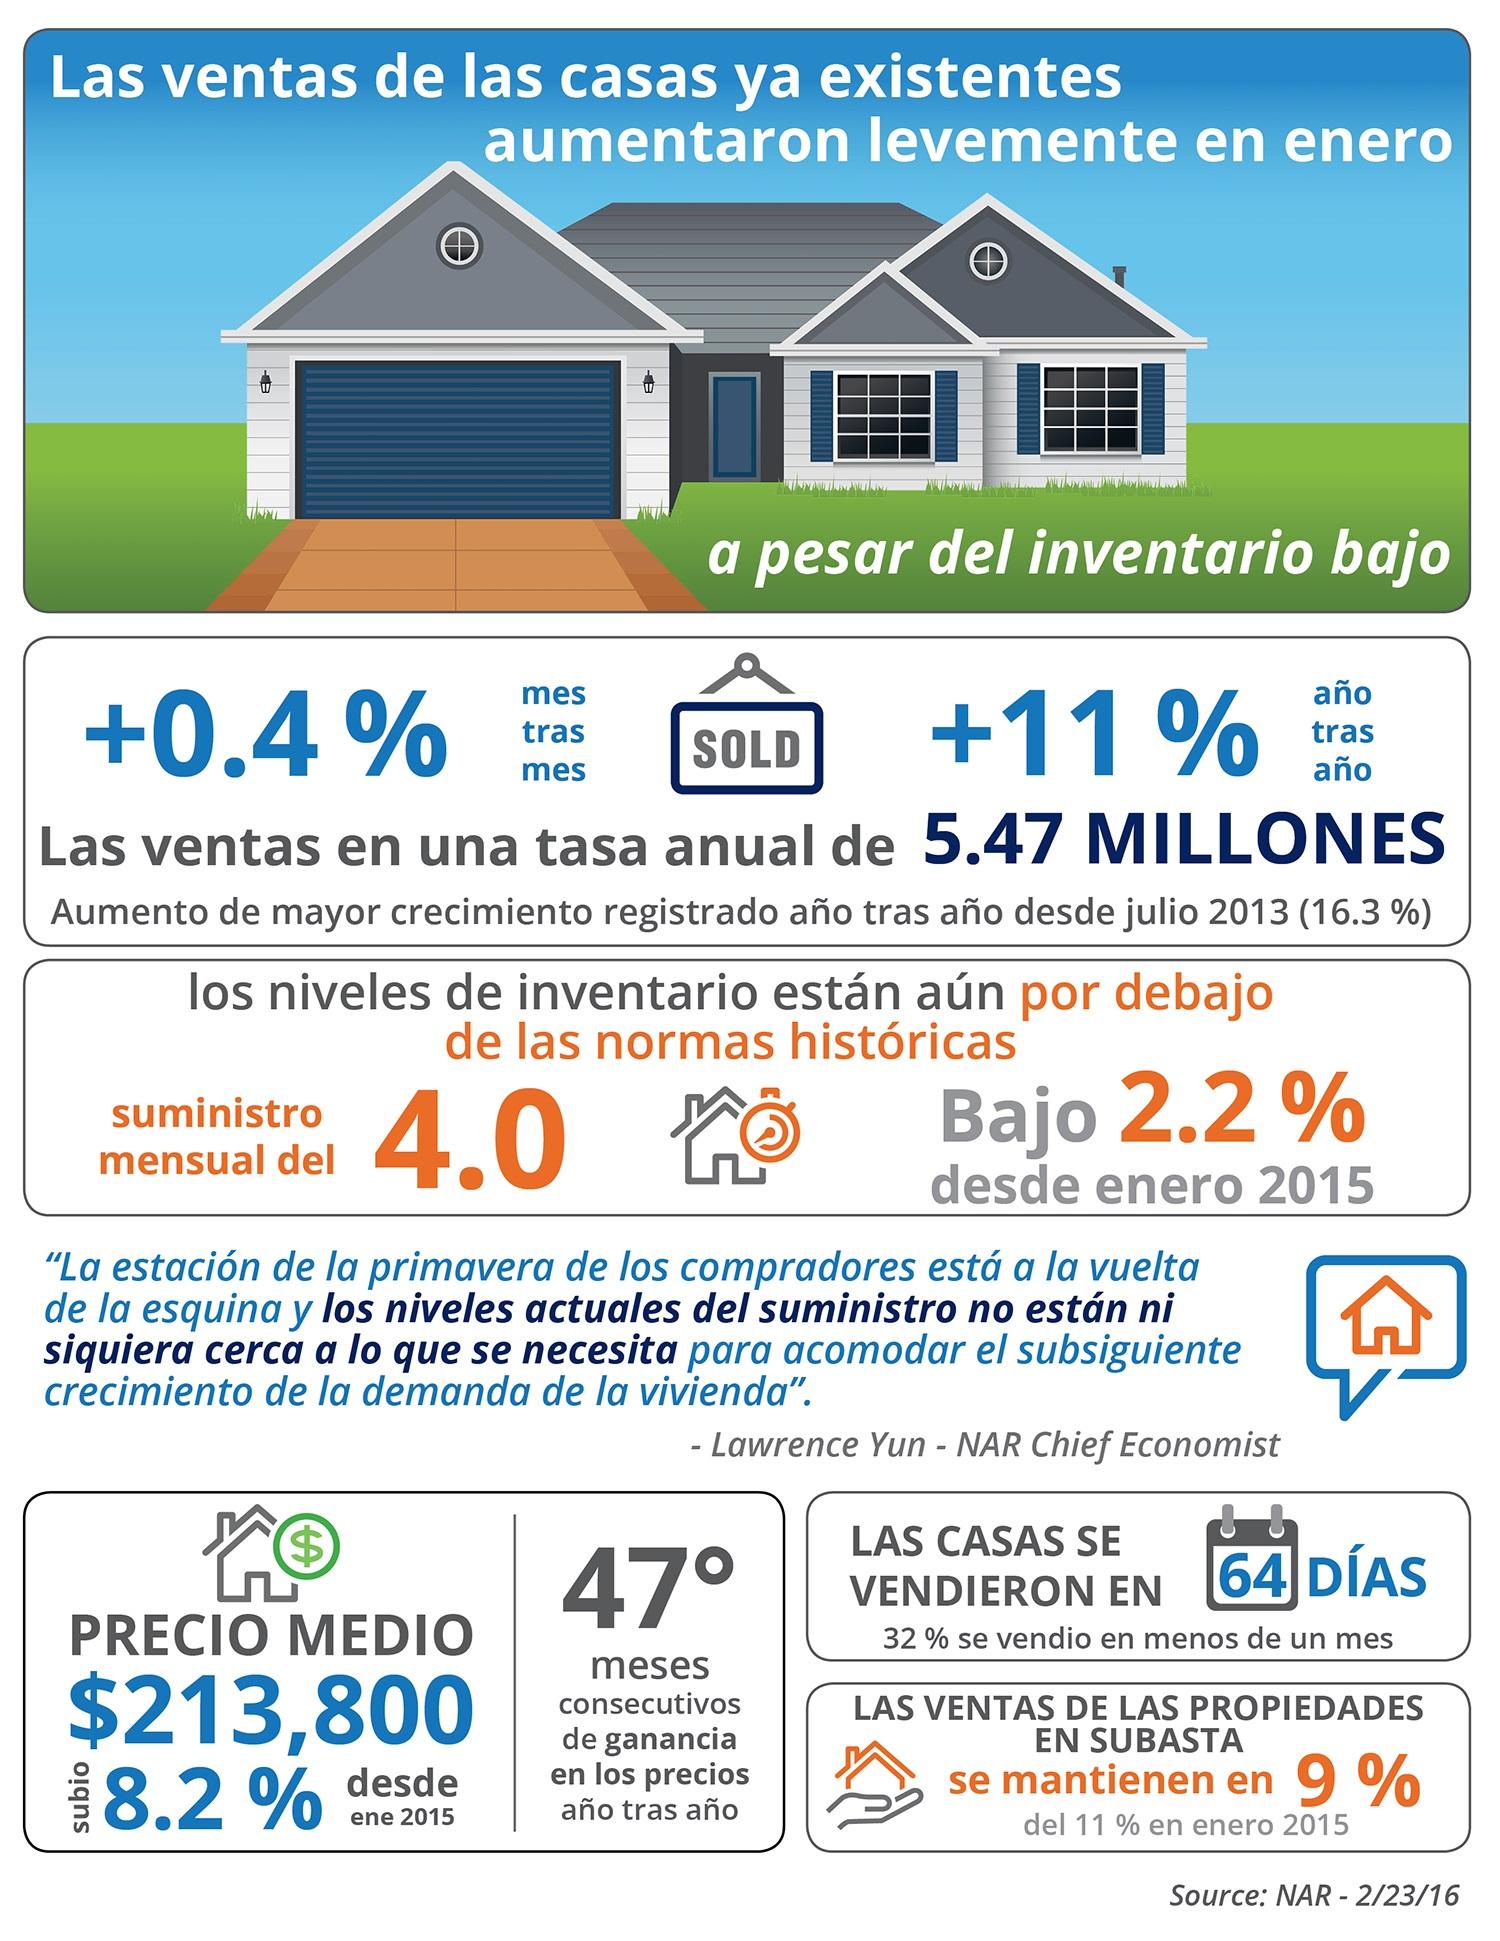 Las ventas de las casas ya existentes aumentaron levemente en enero [INFOGRAFÍA] | Simplifying The Market